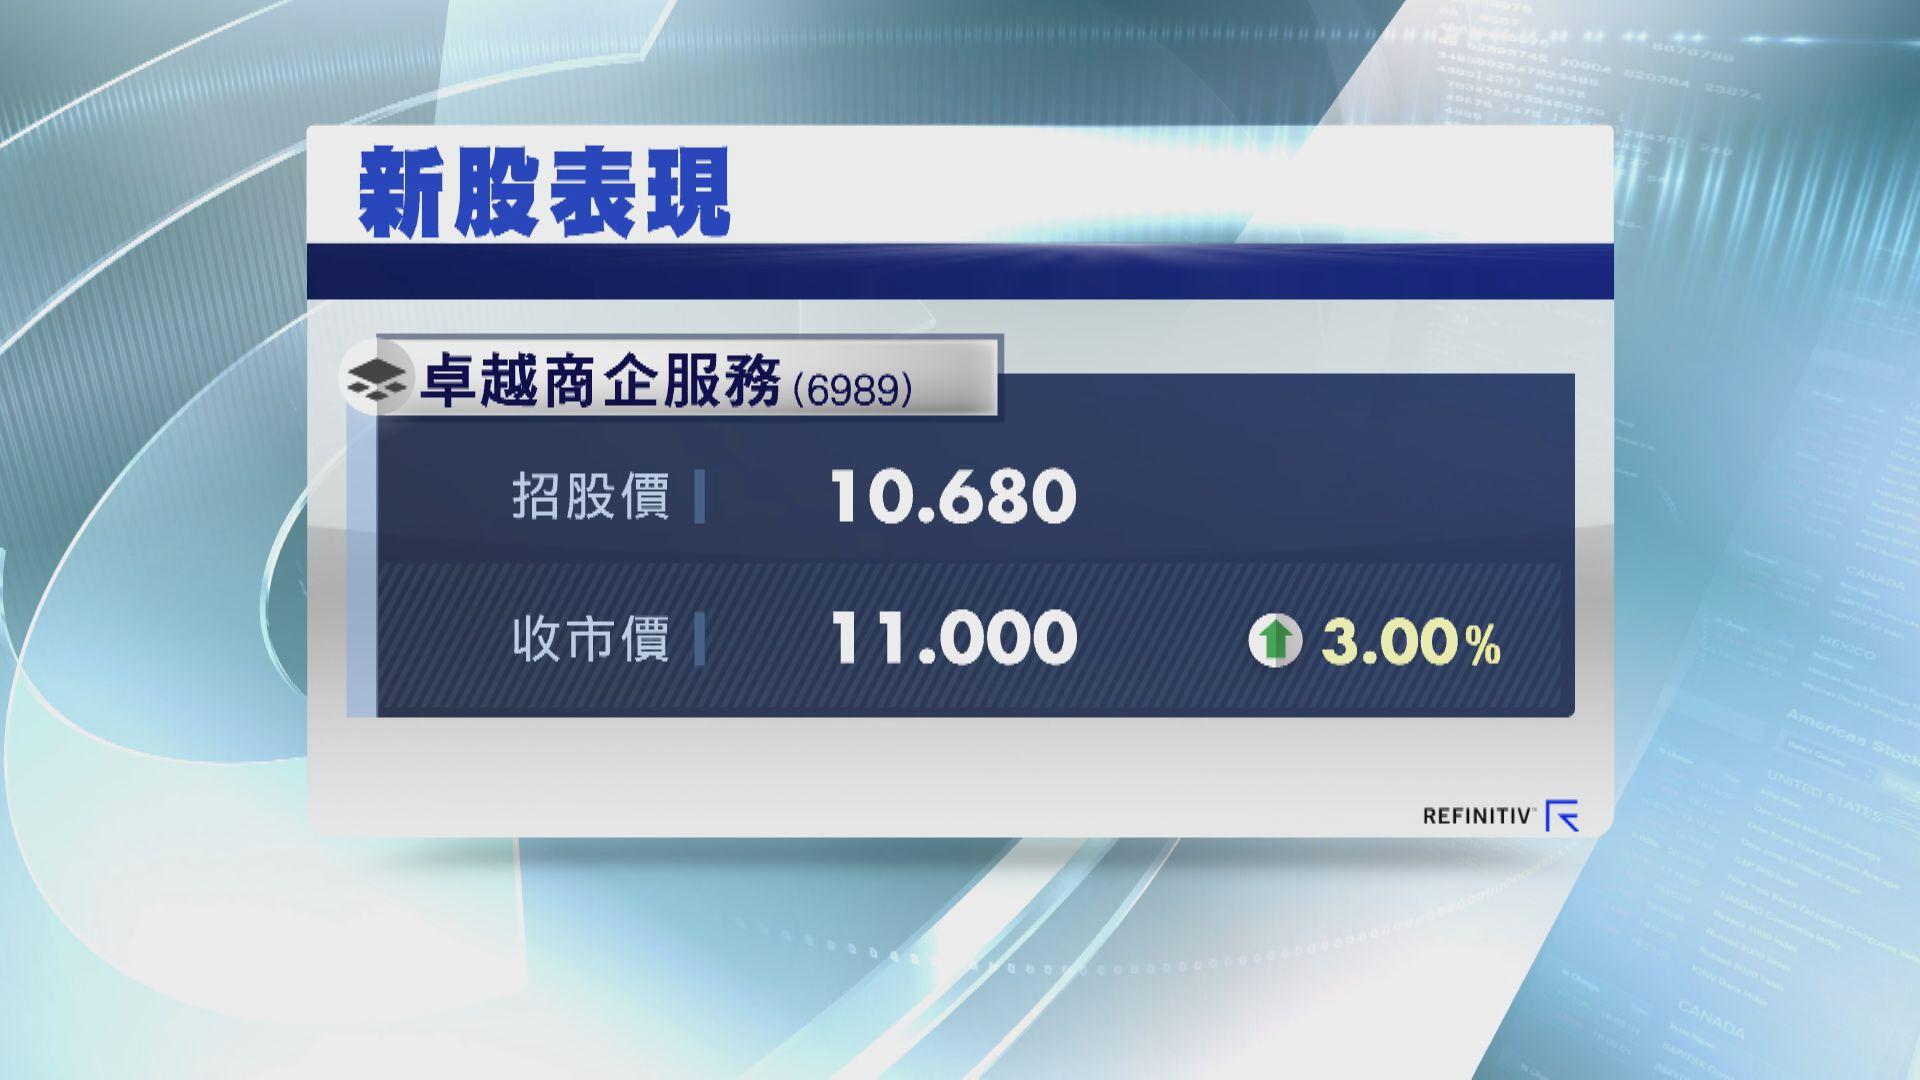 【新股表現】卓越商企首掛 股價略高於招股價